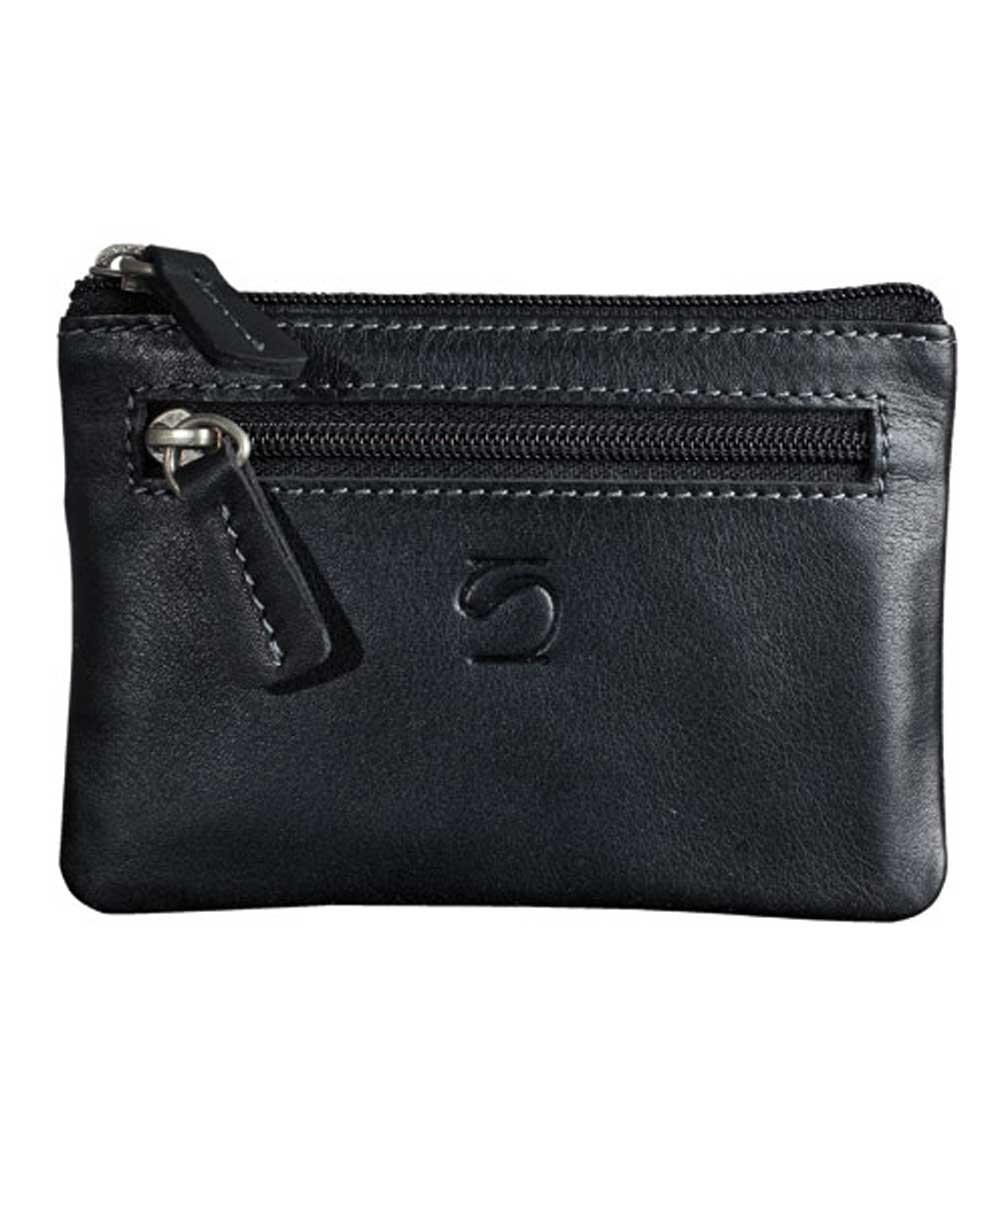 Matties Bags Exotic Monedero de Piel Negro (Foto )